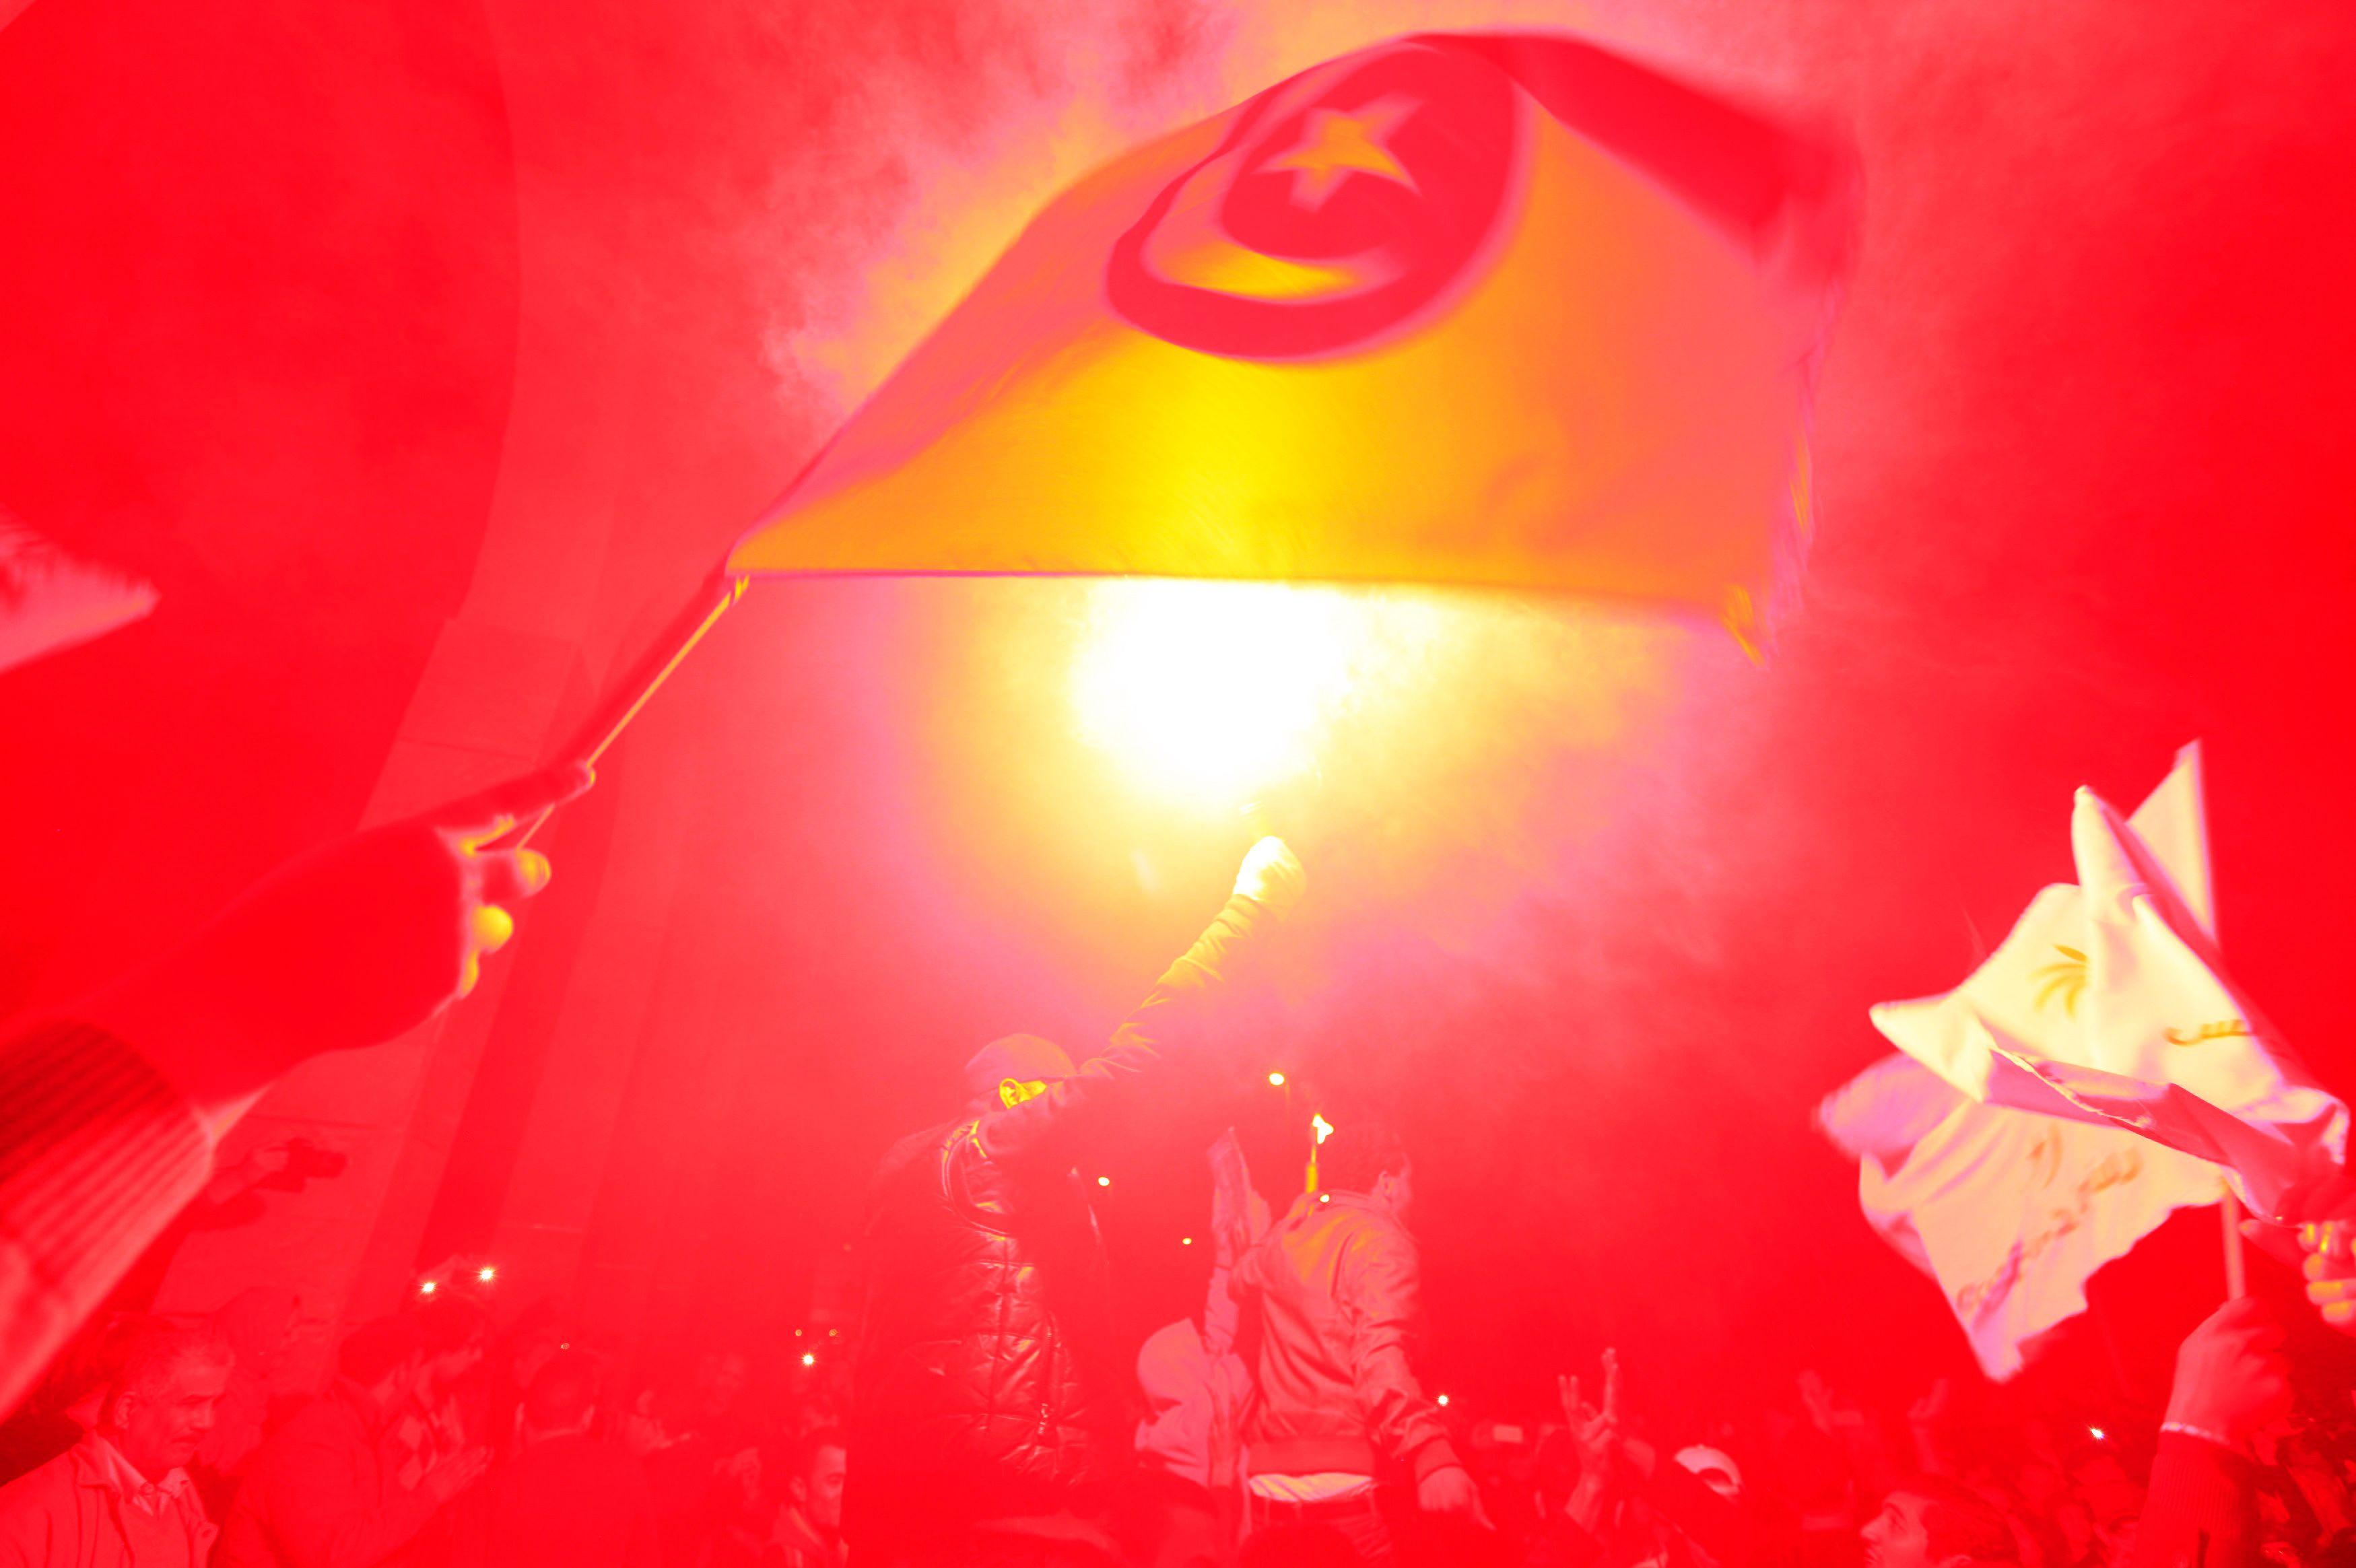 Comment les printemps arabes ont signé l'échec de l'islam politique et enterré bien des espoirs, mais pas tous